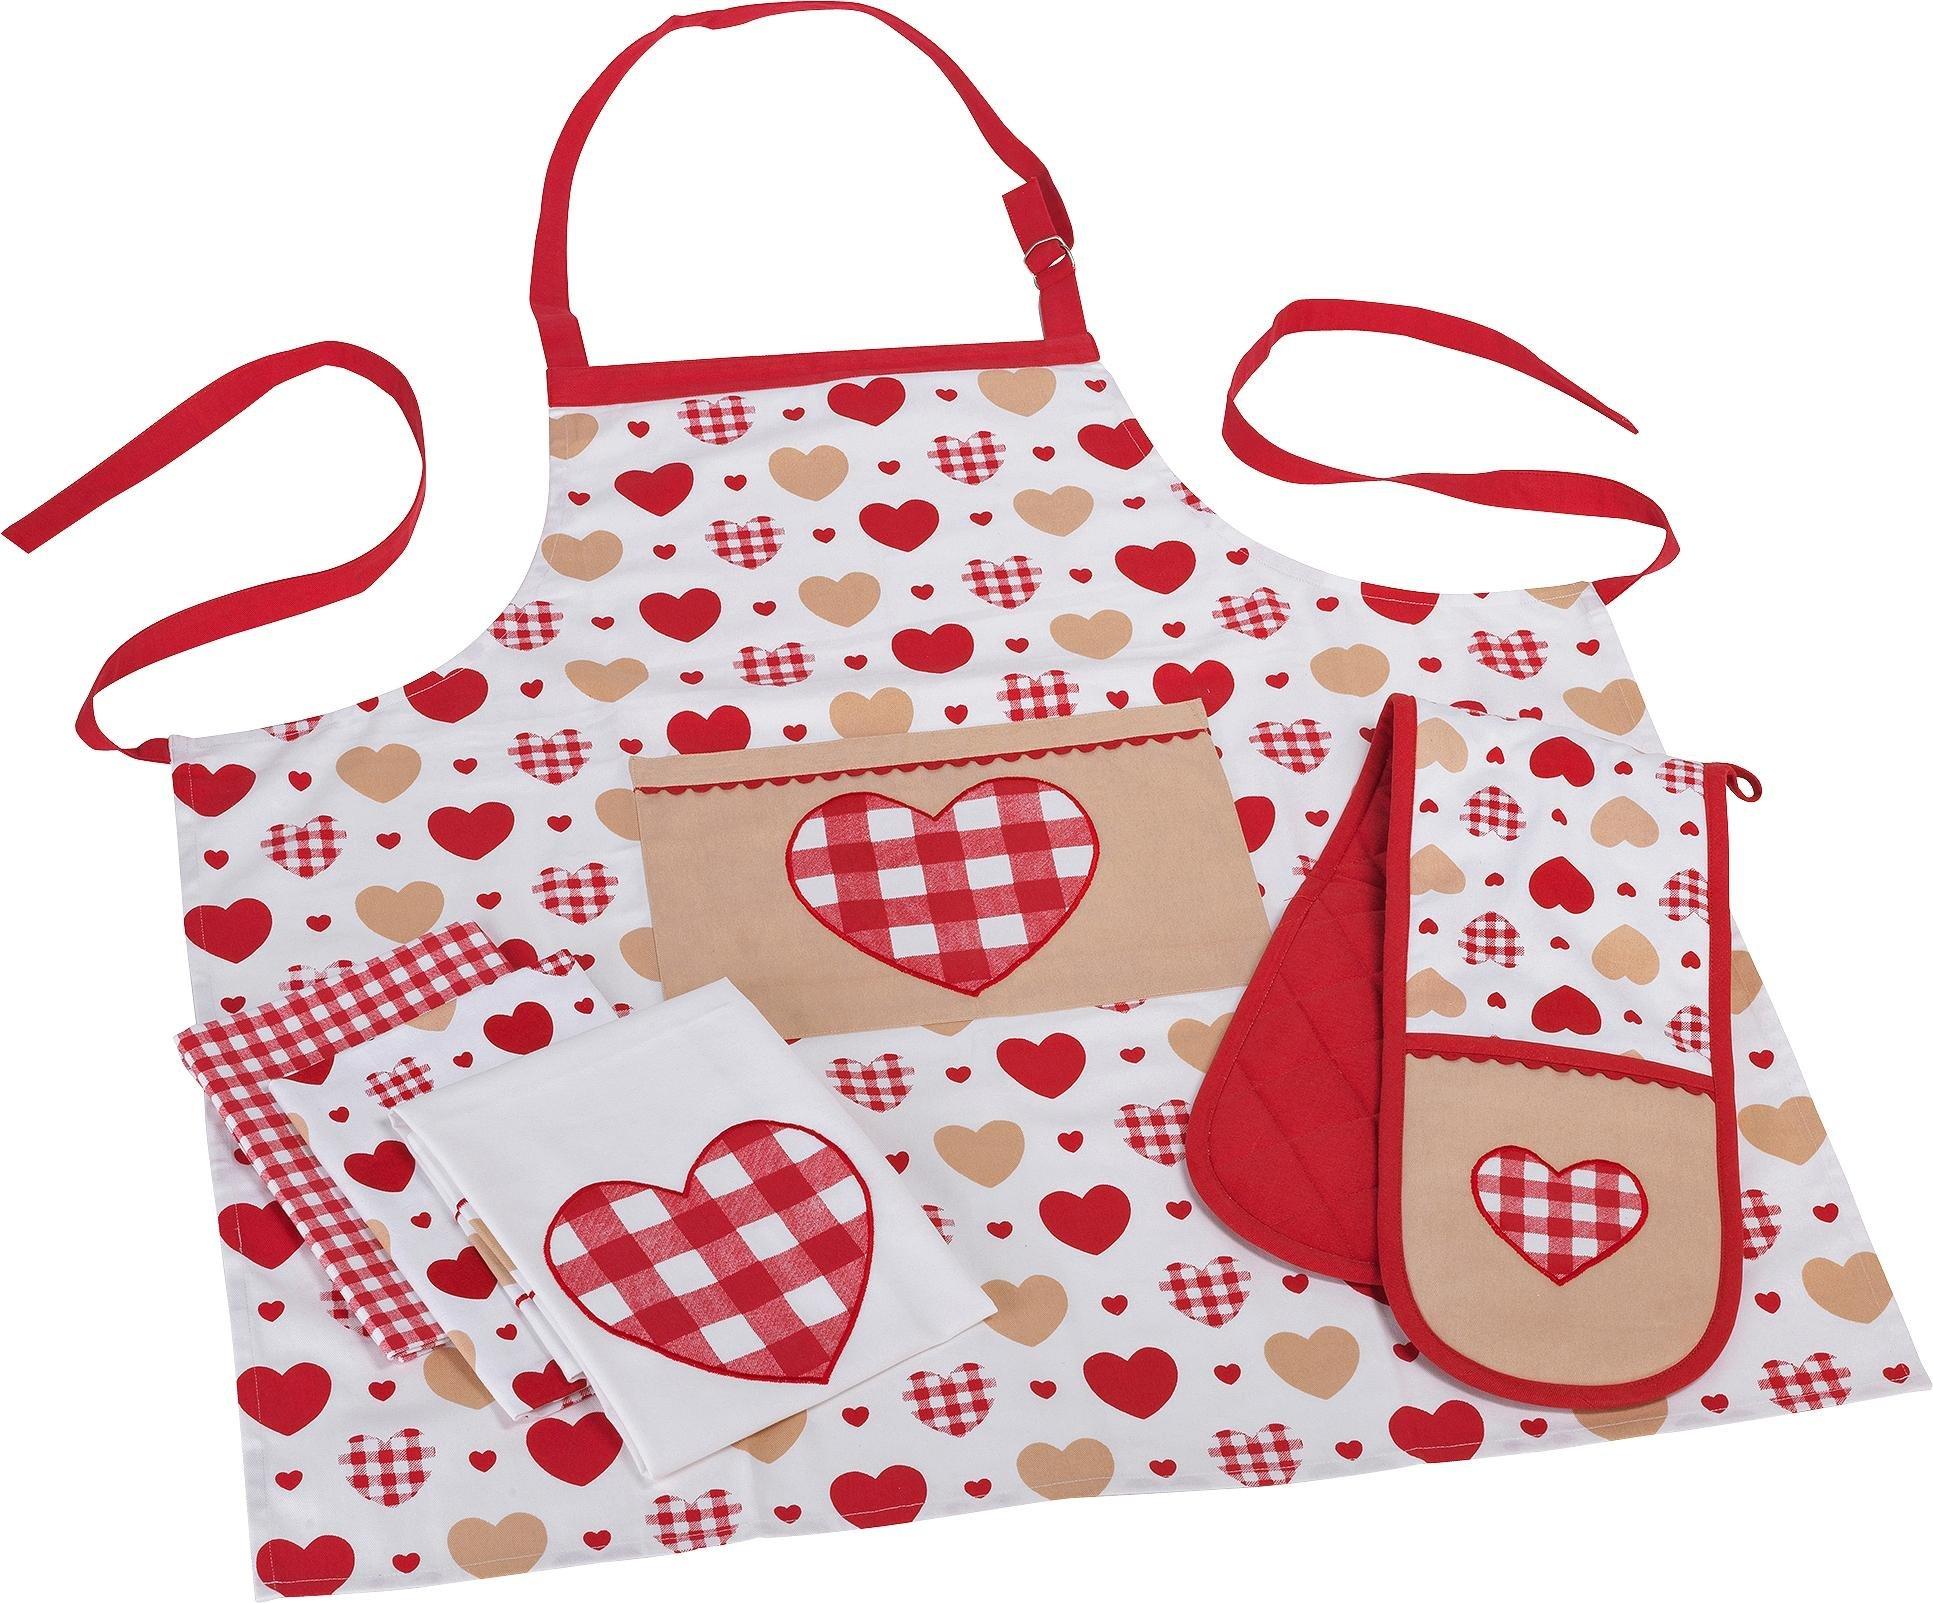 White apron argos - Home Amour 5 Piece Textile Set